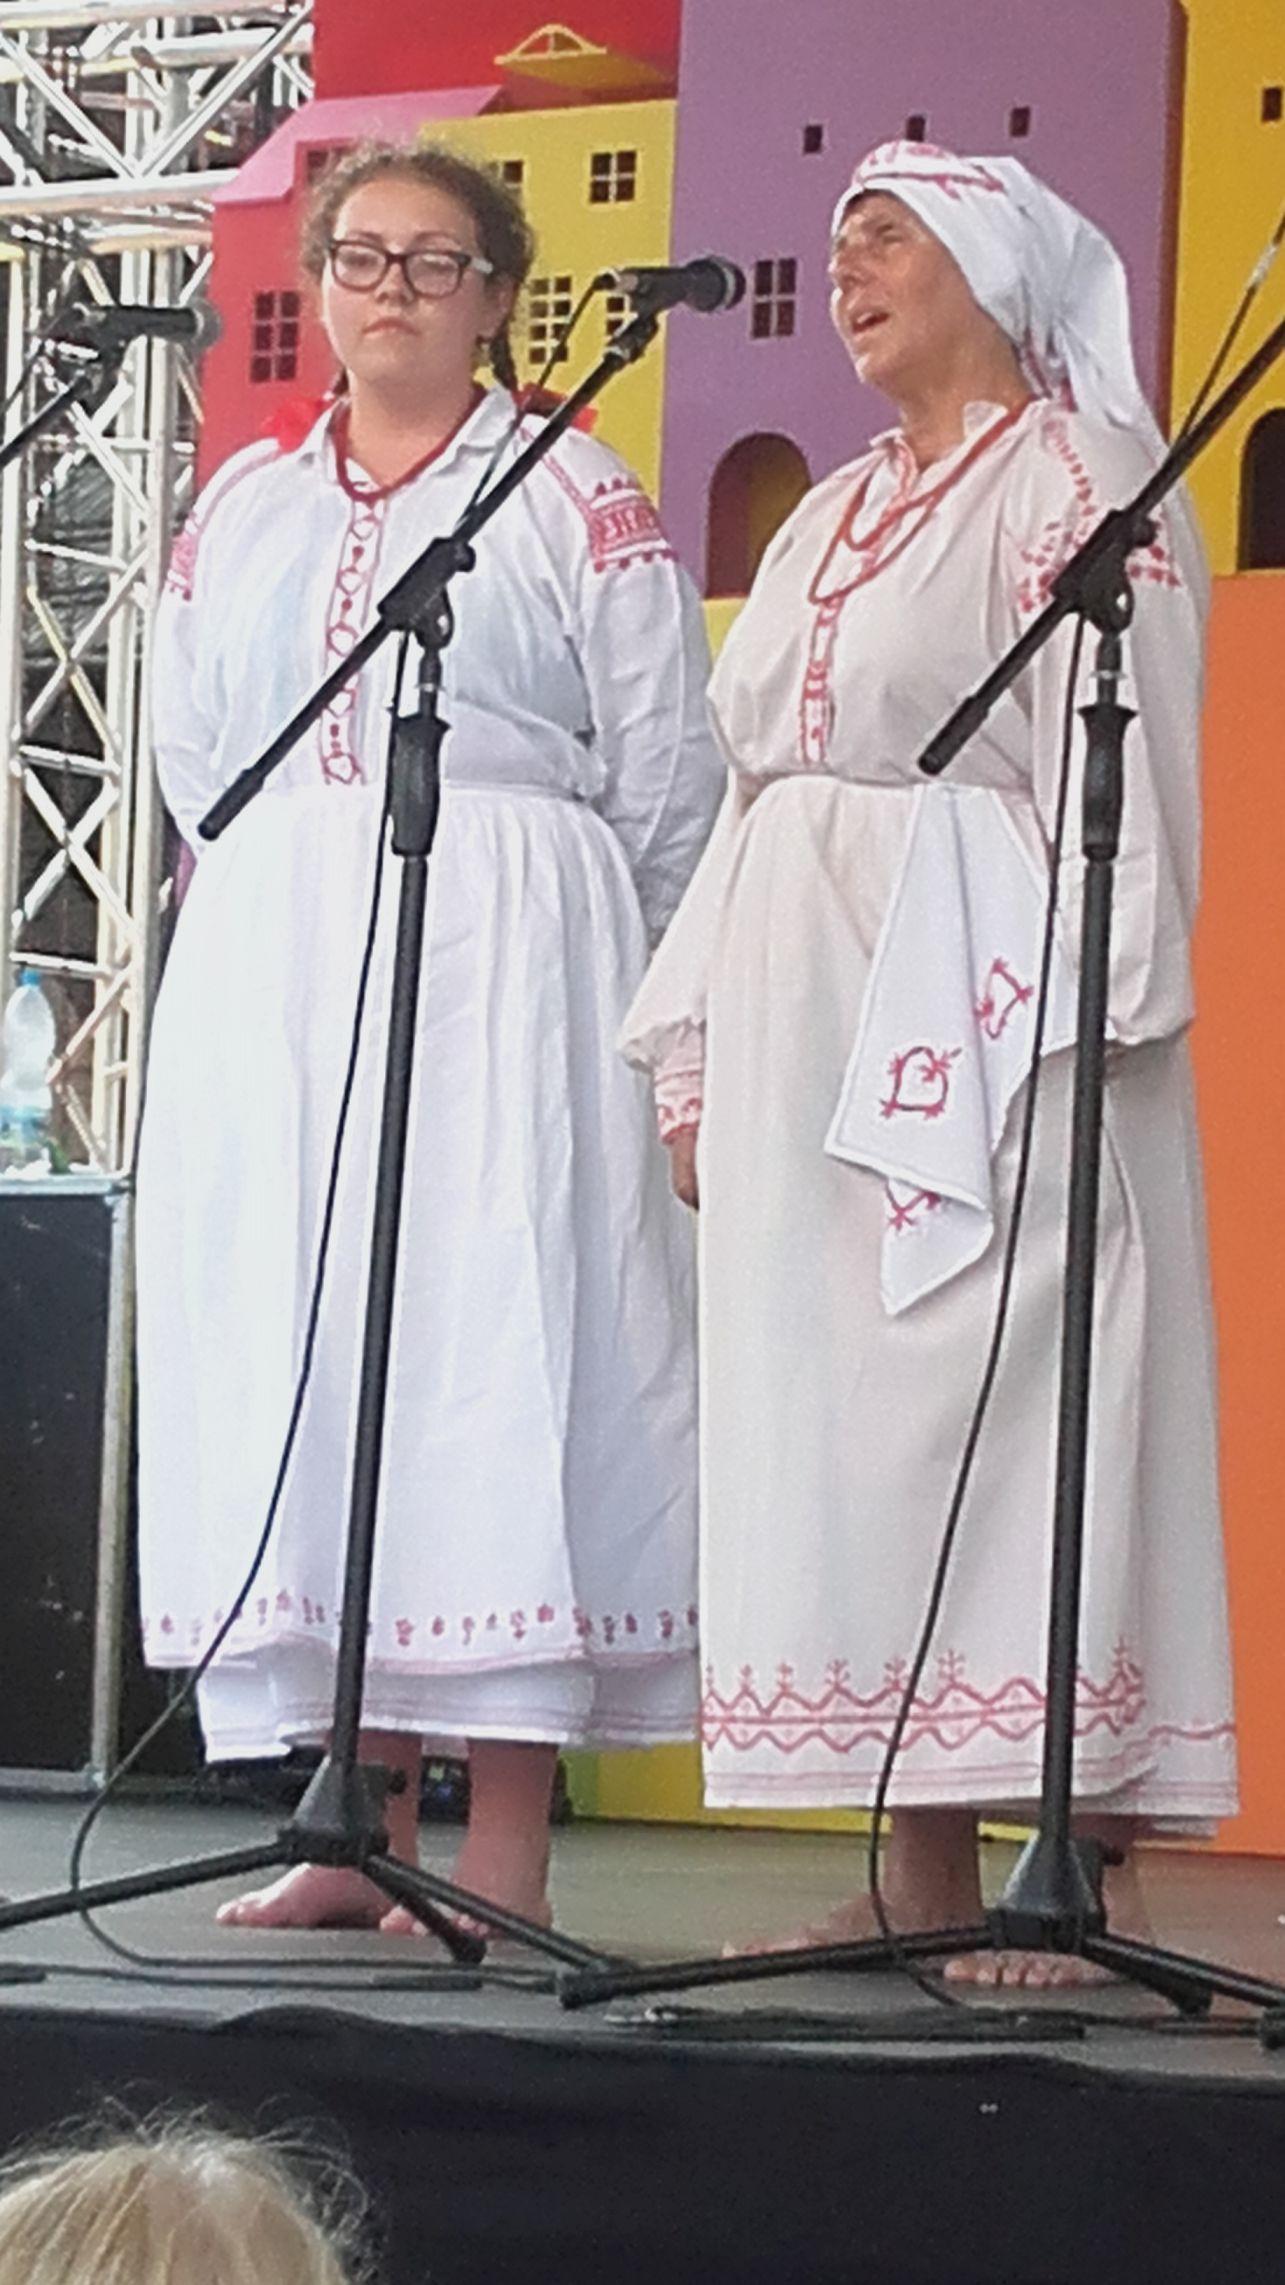 2016-06-25 Kazimierz Dolny - festiwal (41)